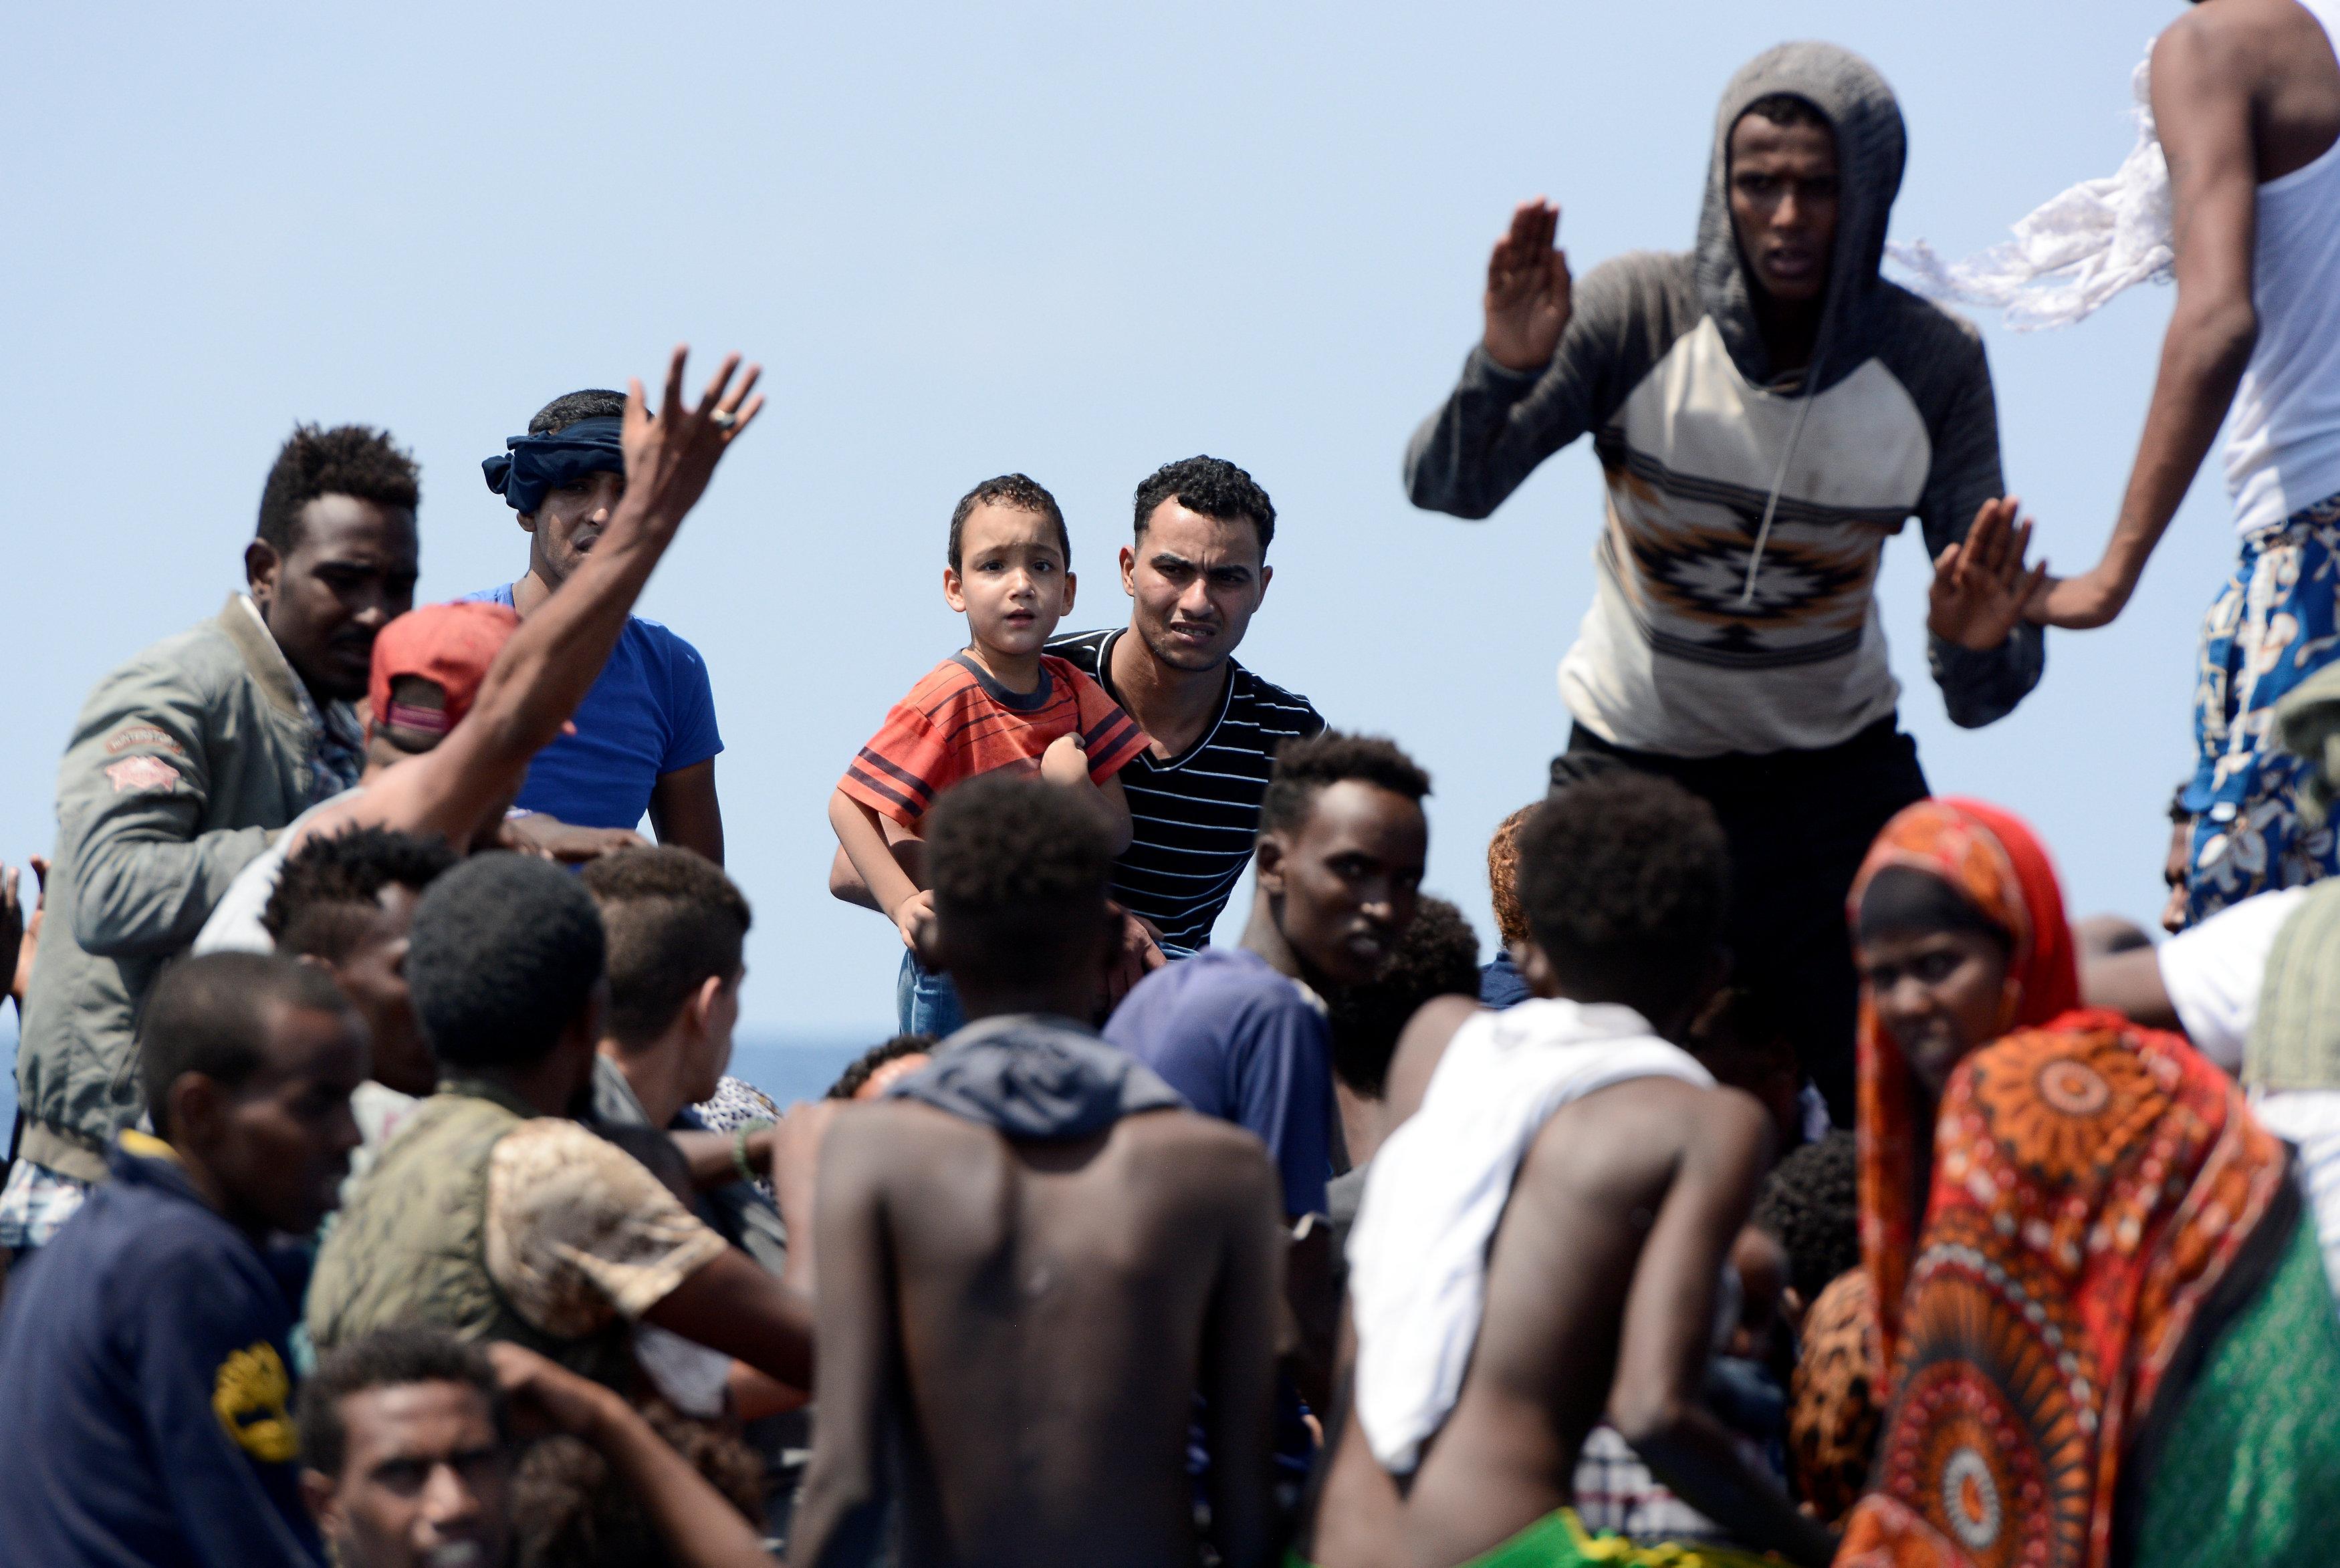 المهاجرين اثناء نقلهم لسفينة الانقاذ